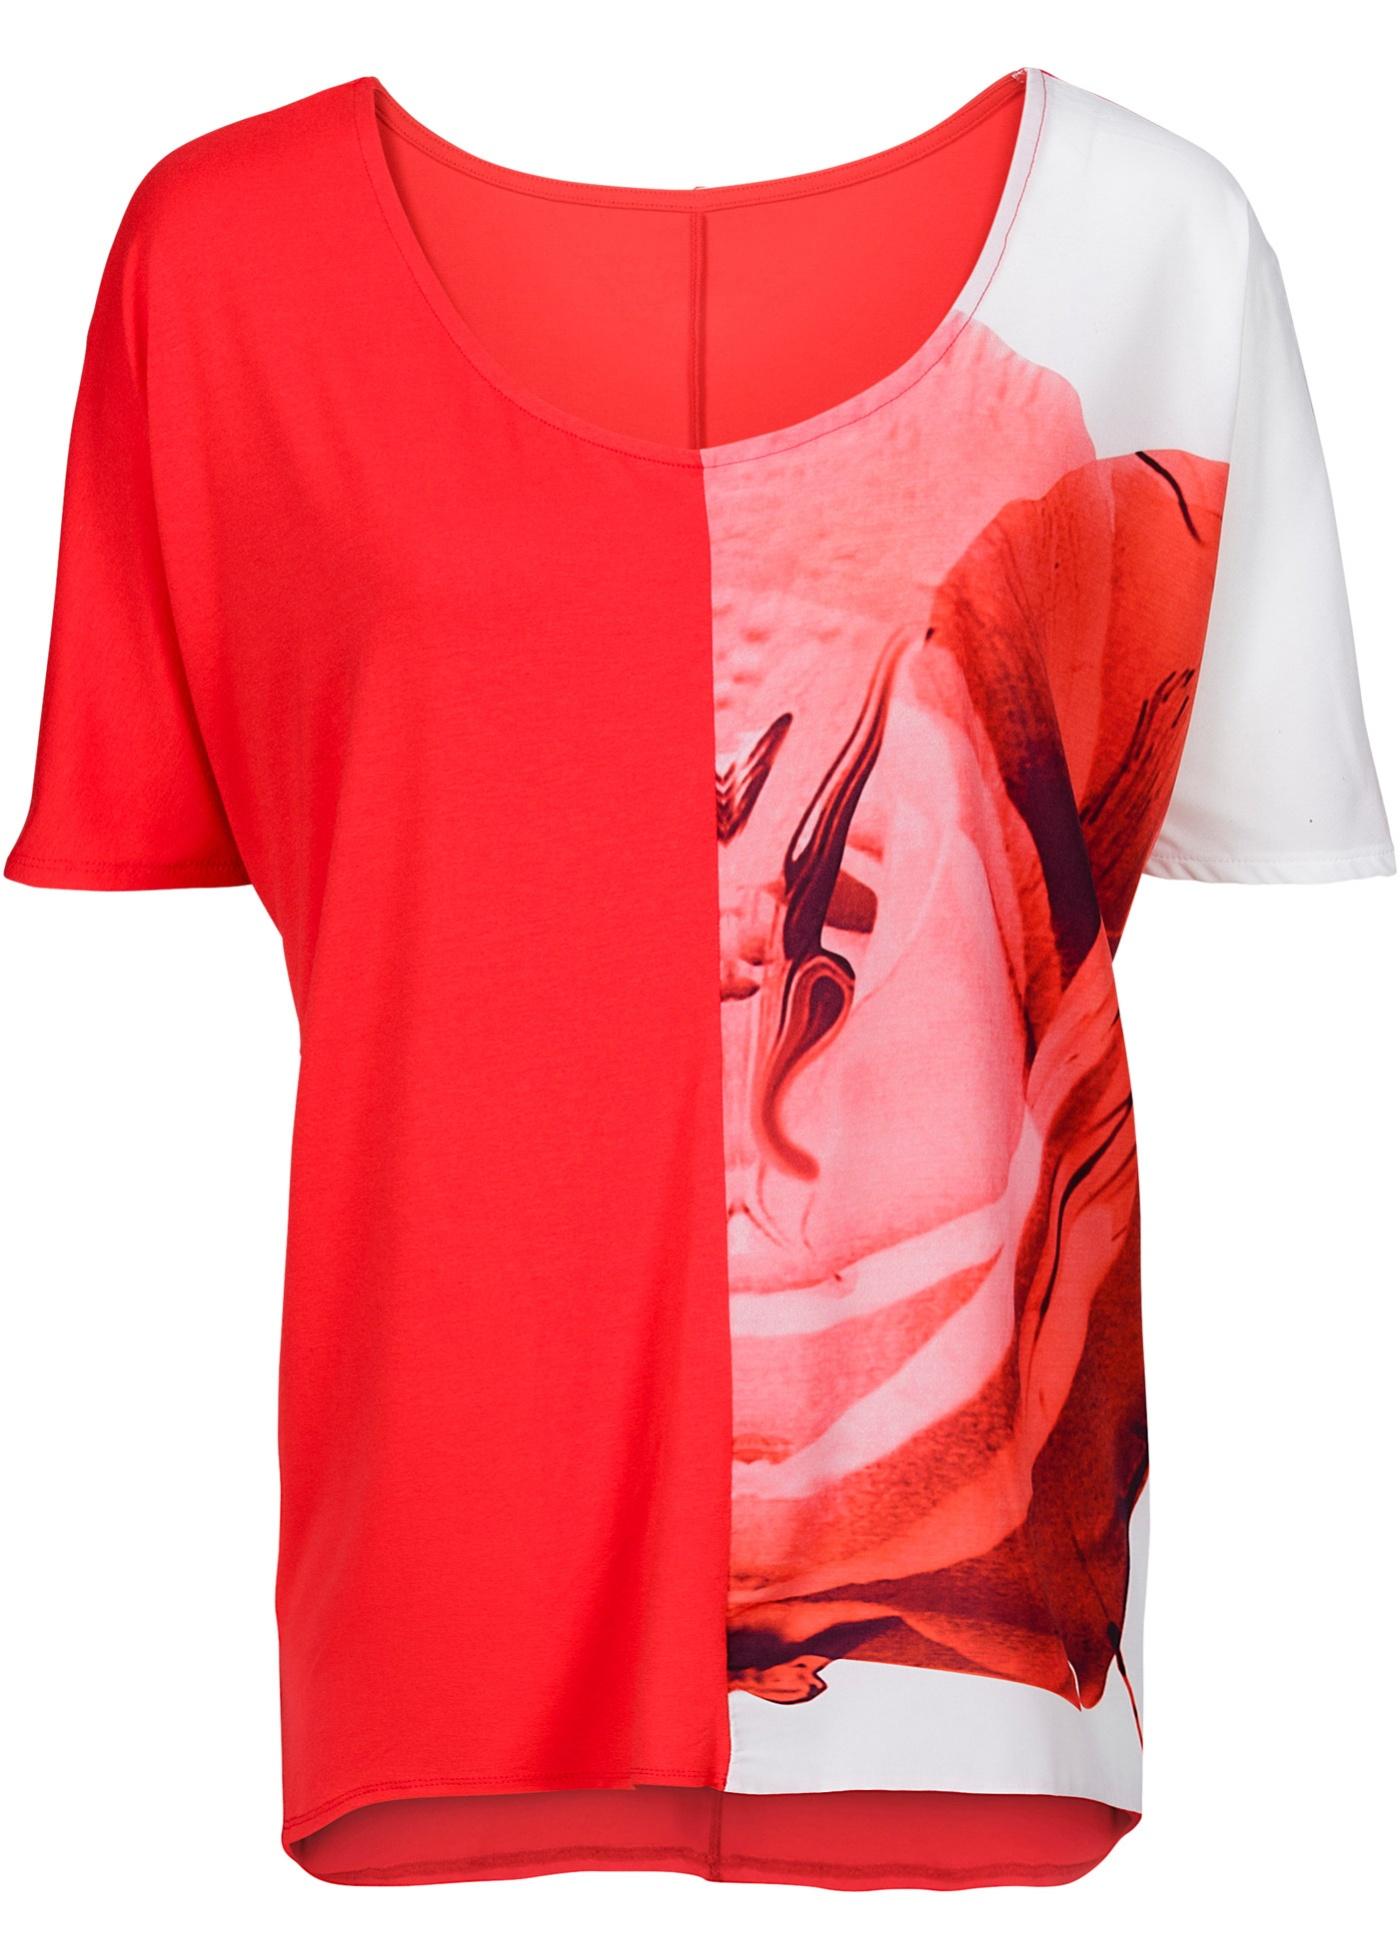 Camiseta bicolor vermelha com decote redondo